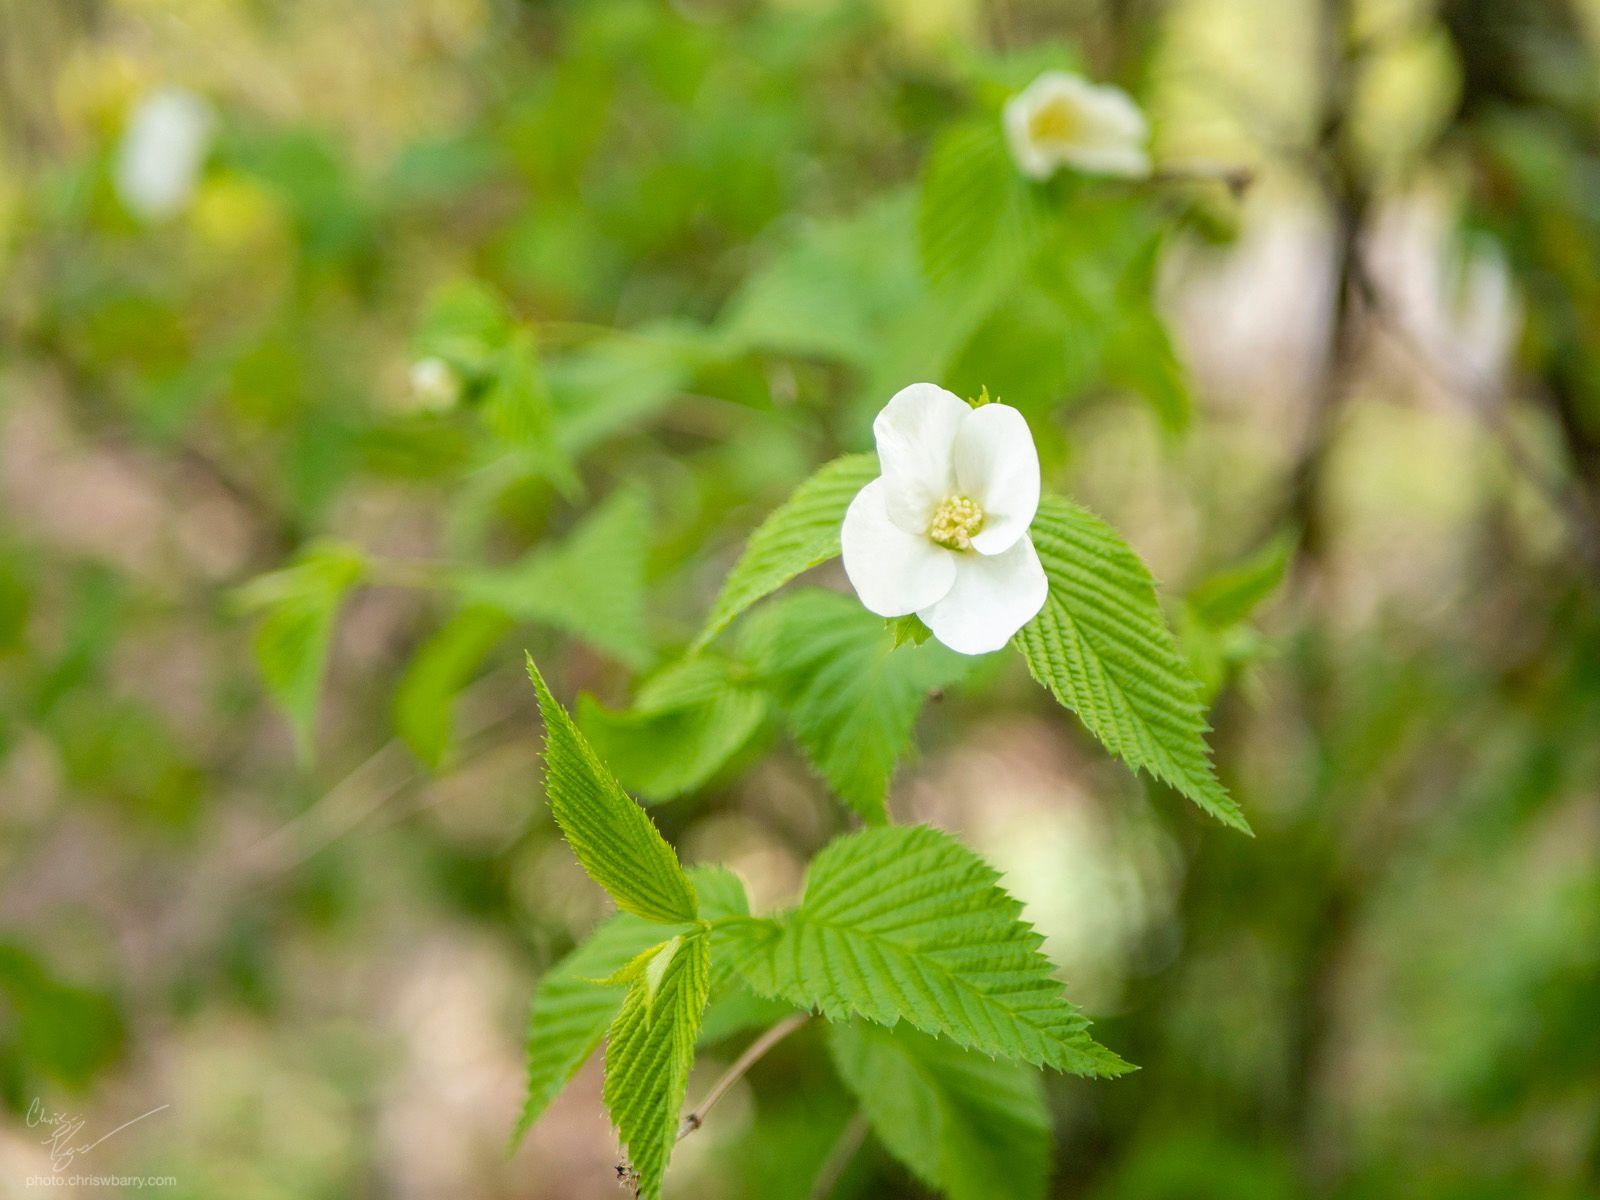 4-19-20: Flowering Tree